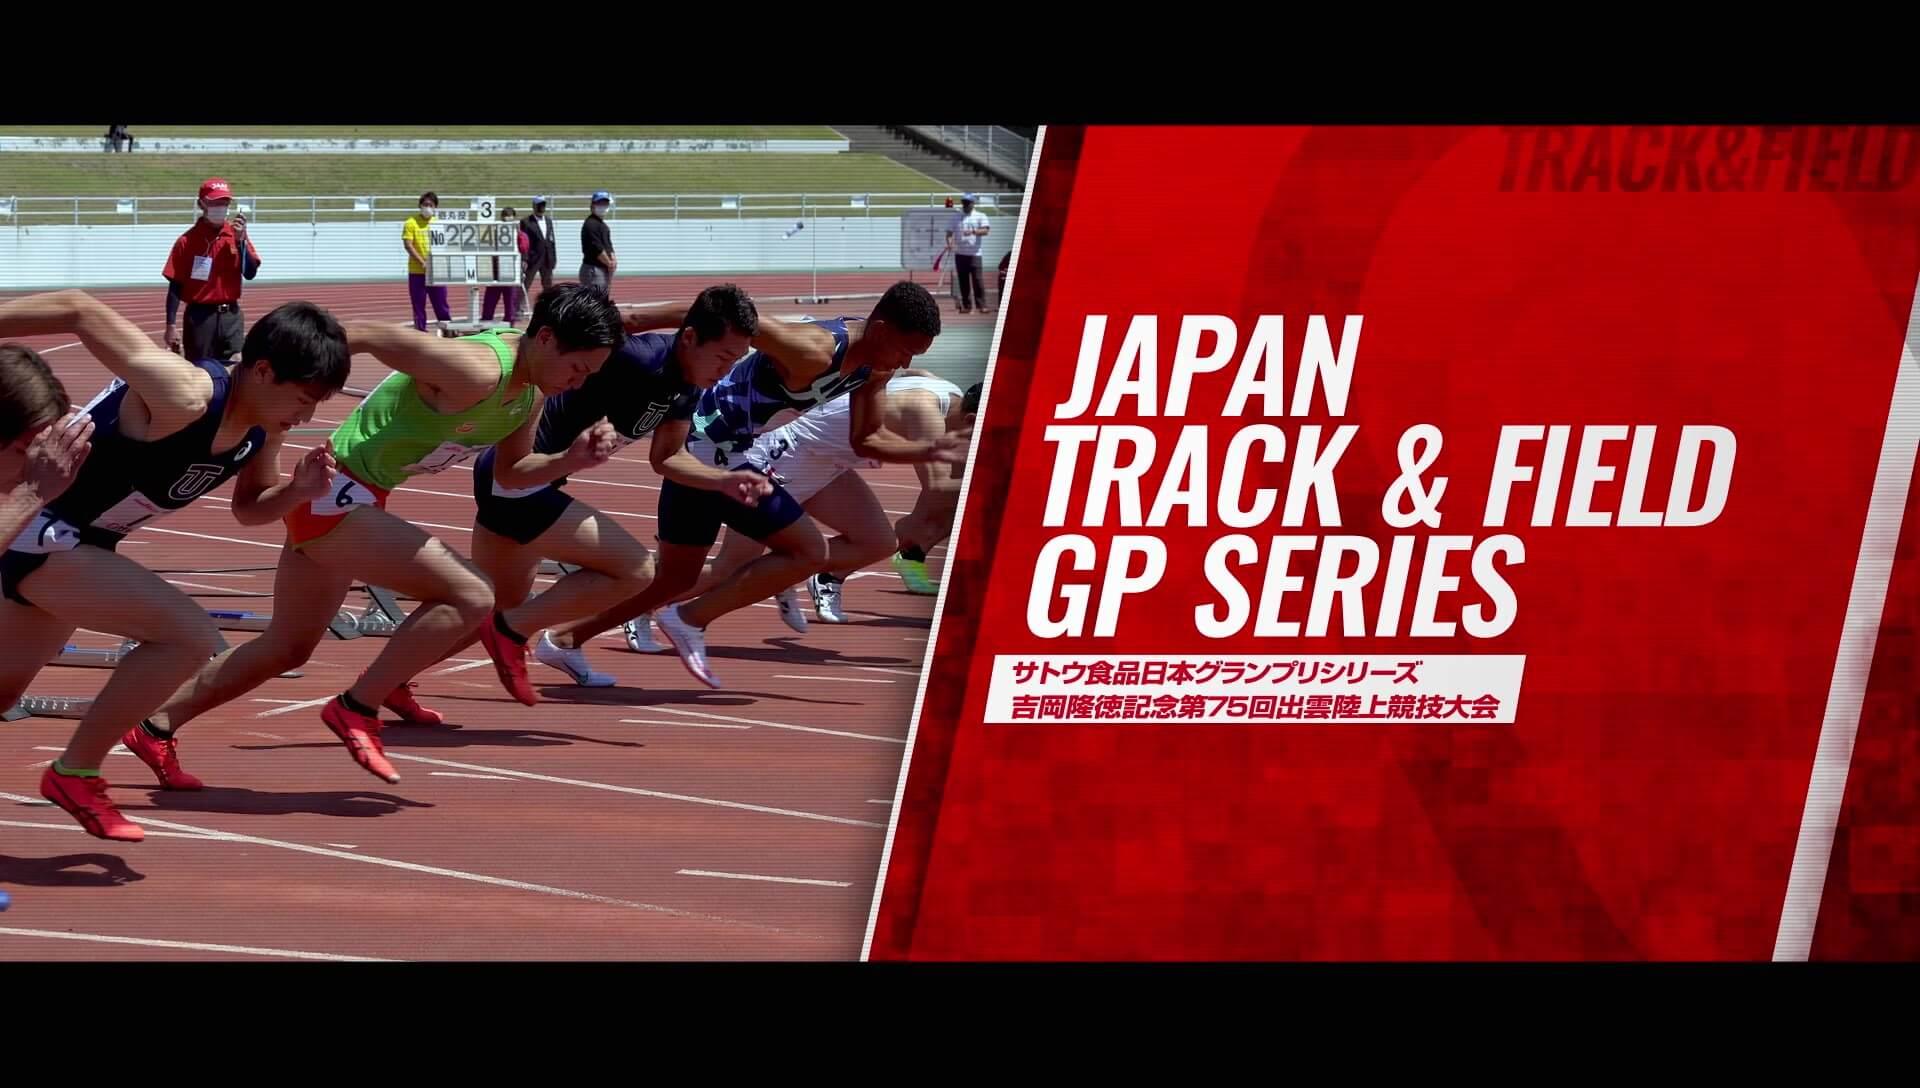 東京五輪シーズン開幕!スプリント種目で好発進 /サトウ食品日本グランプリシリーズ 出雲陸上